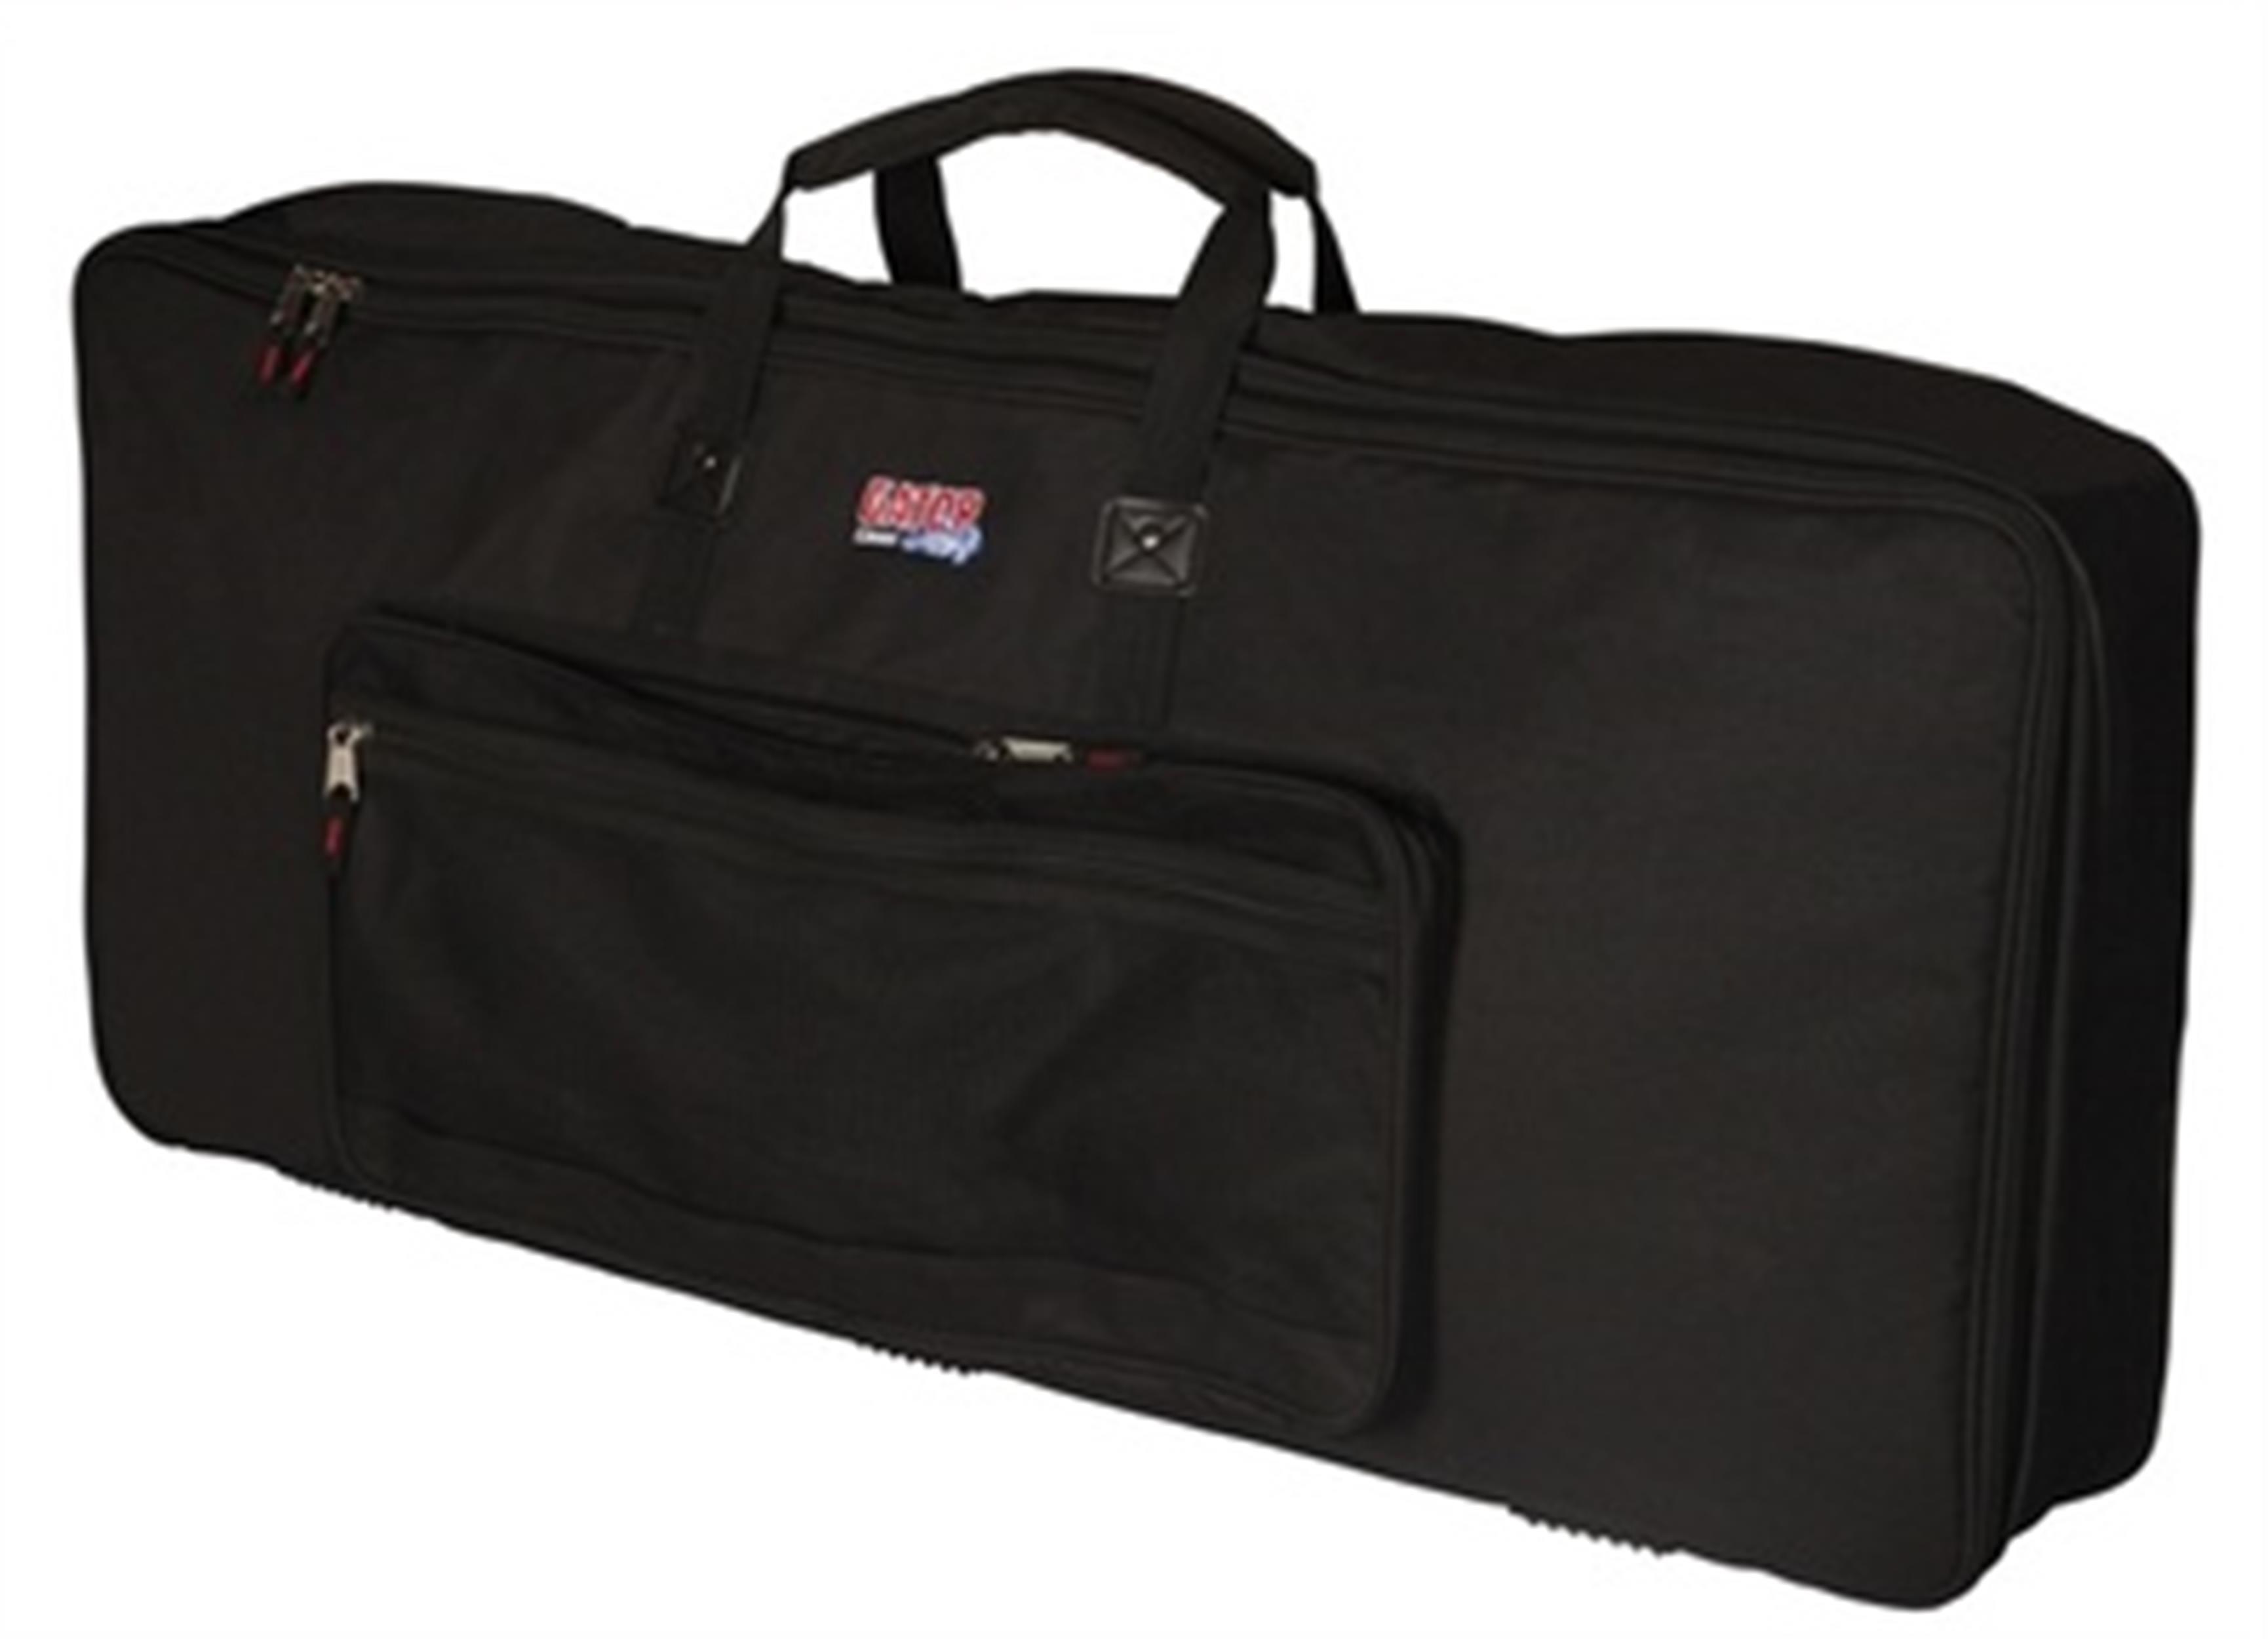 Gator GKB-88 SLIM - borsa ultra sottile per tastiera 88 tasti - Tastiere Accessori - Custodie e Borse